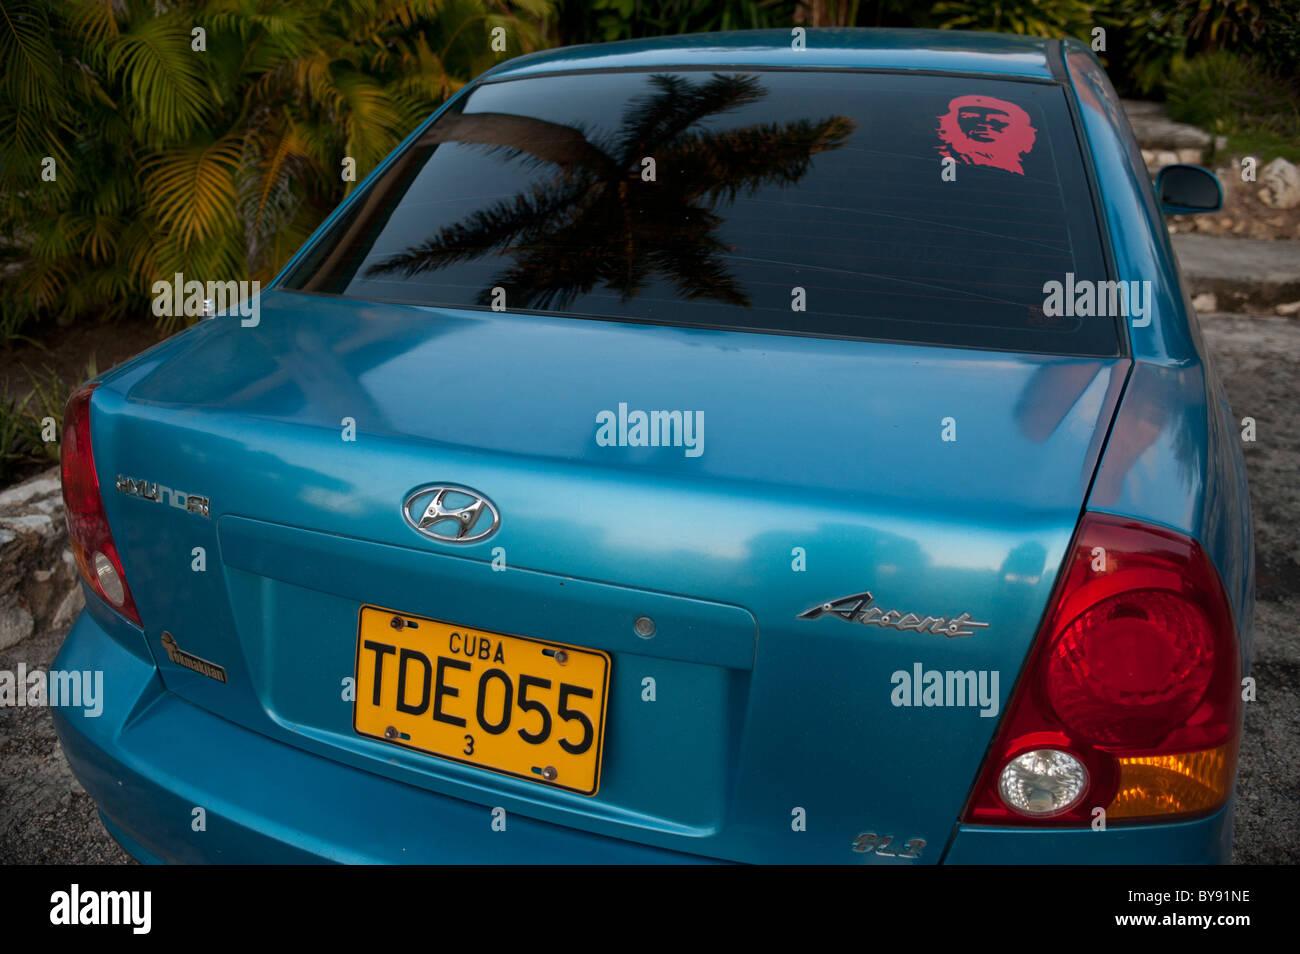 Blu accento Honda a Cuba con che Guevarra adesivo e il palmtree riflessione Immagini Stock